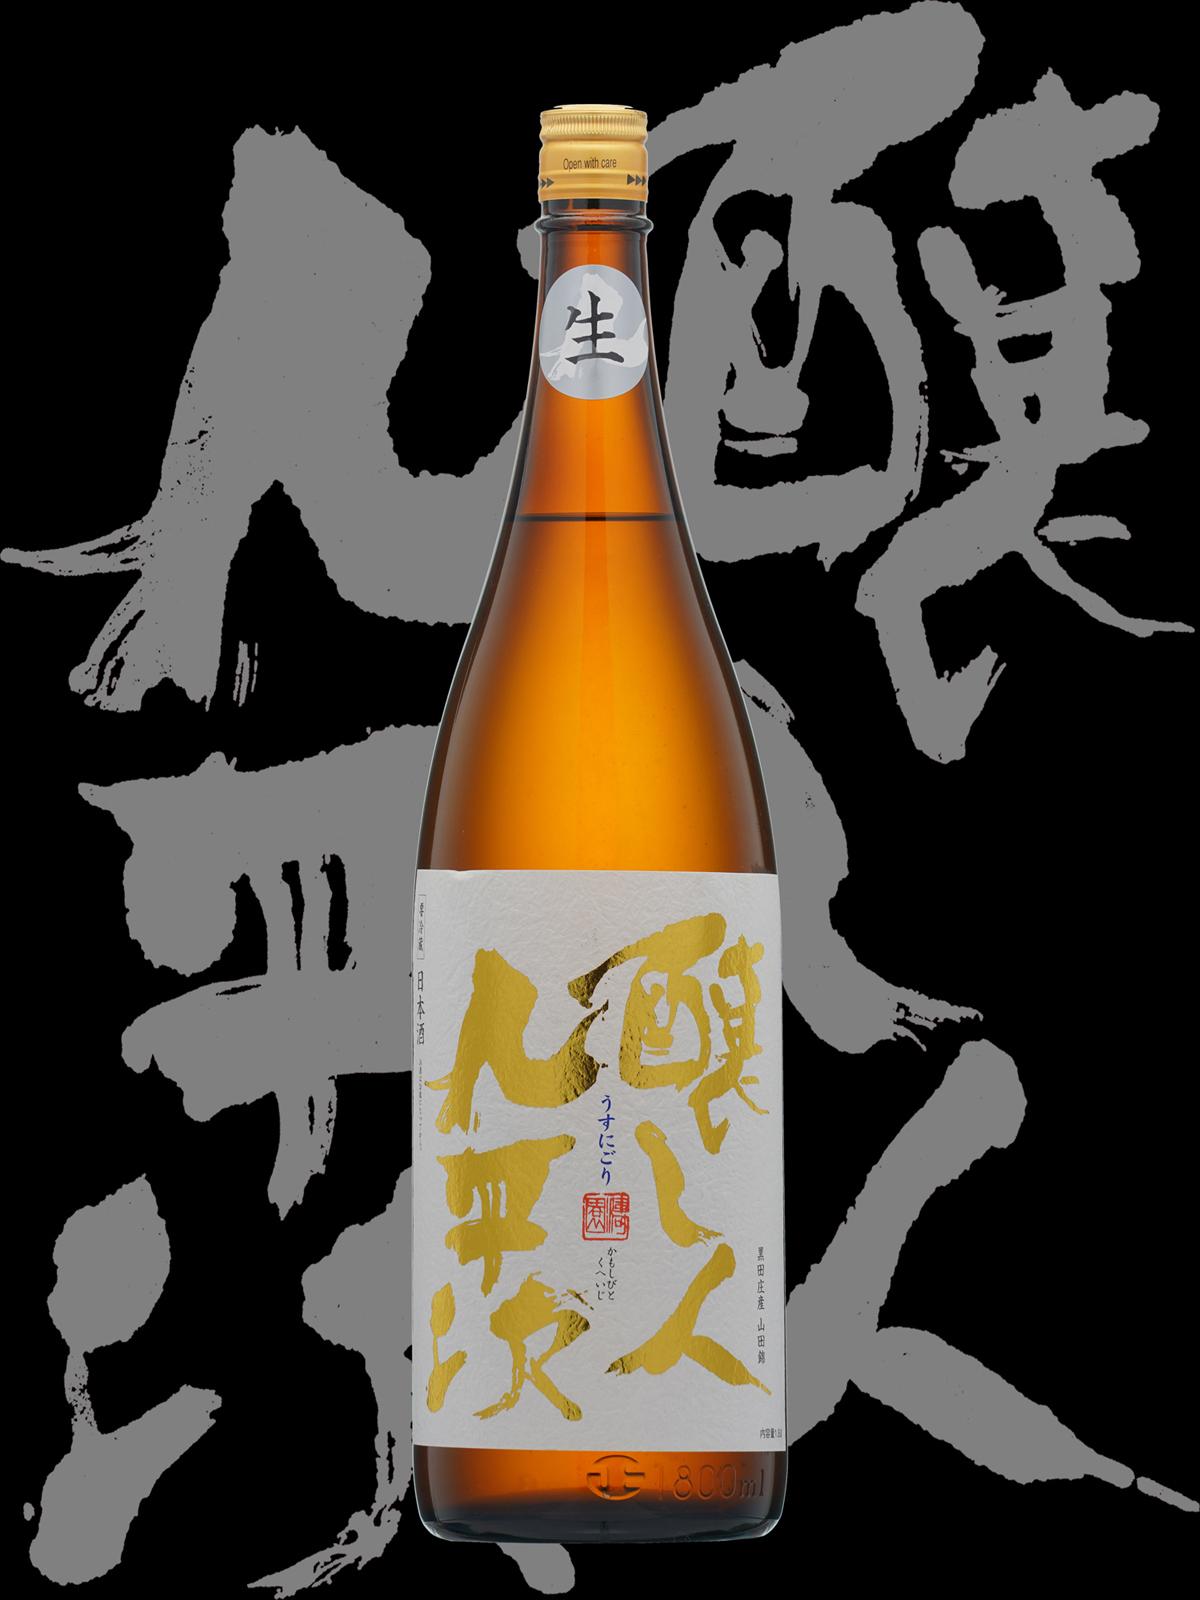 醸し人九平次(かもしびとくへいじ)「純米吟醸」うすにごり生酒